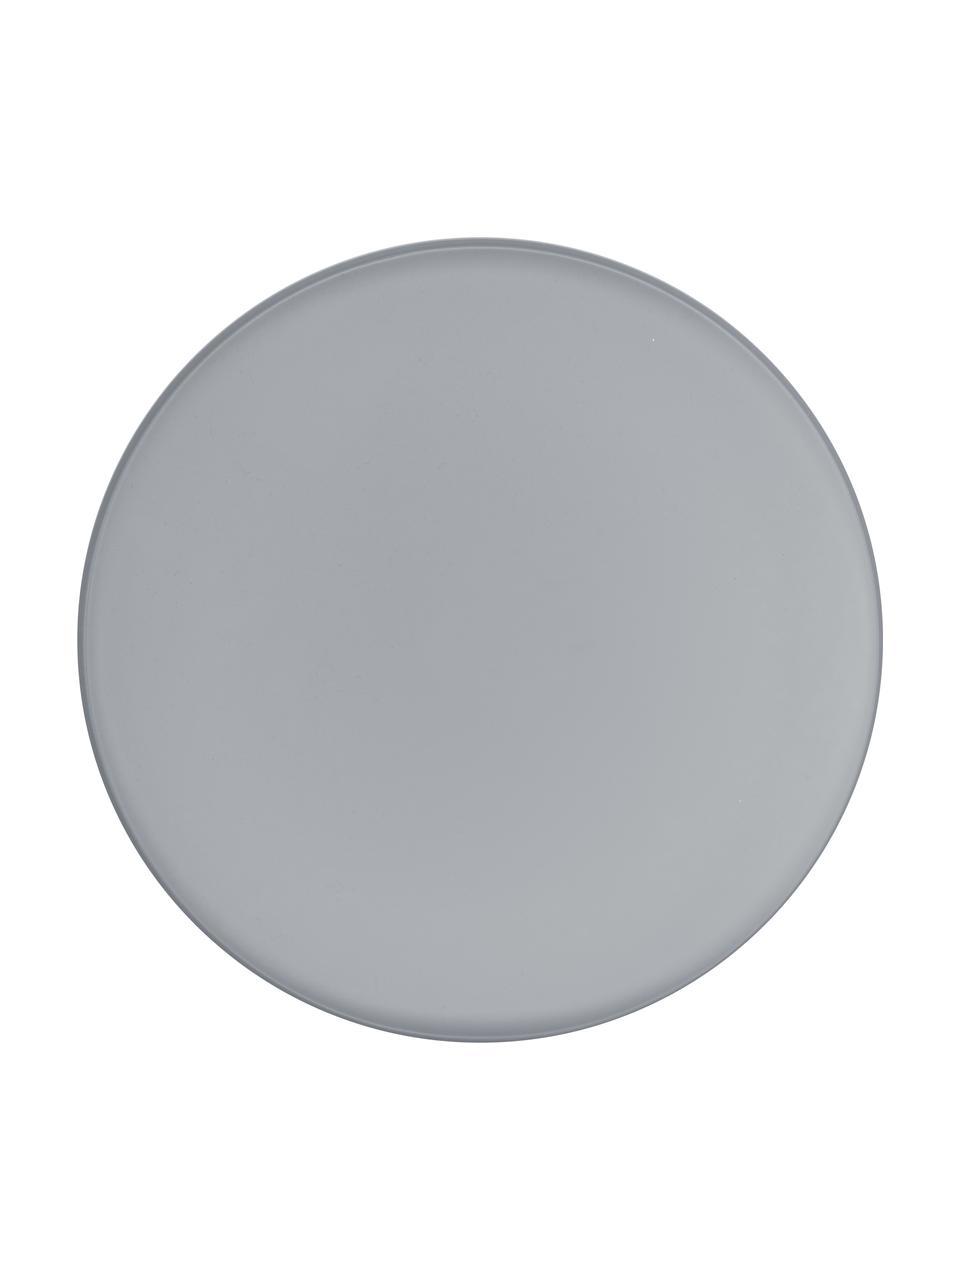 Tablett Arla, Metall, beschichtet, Grau, Ø 41 cm